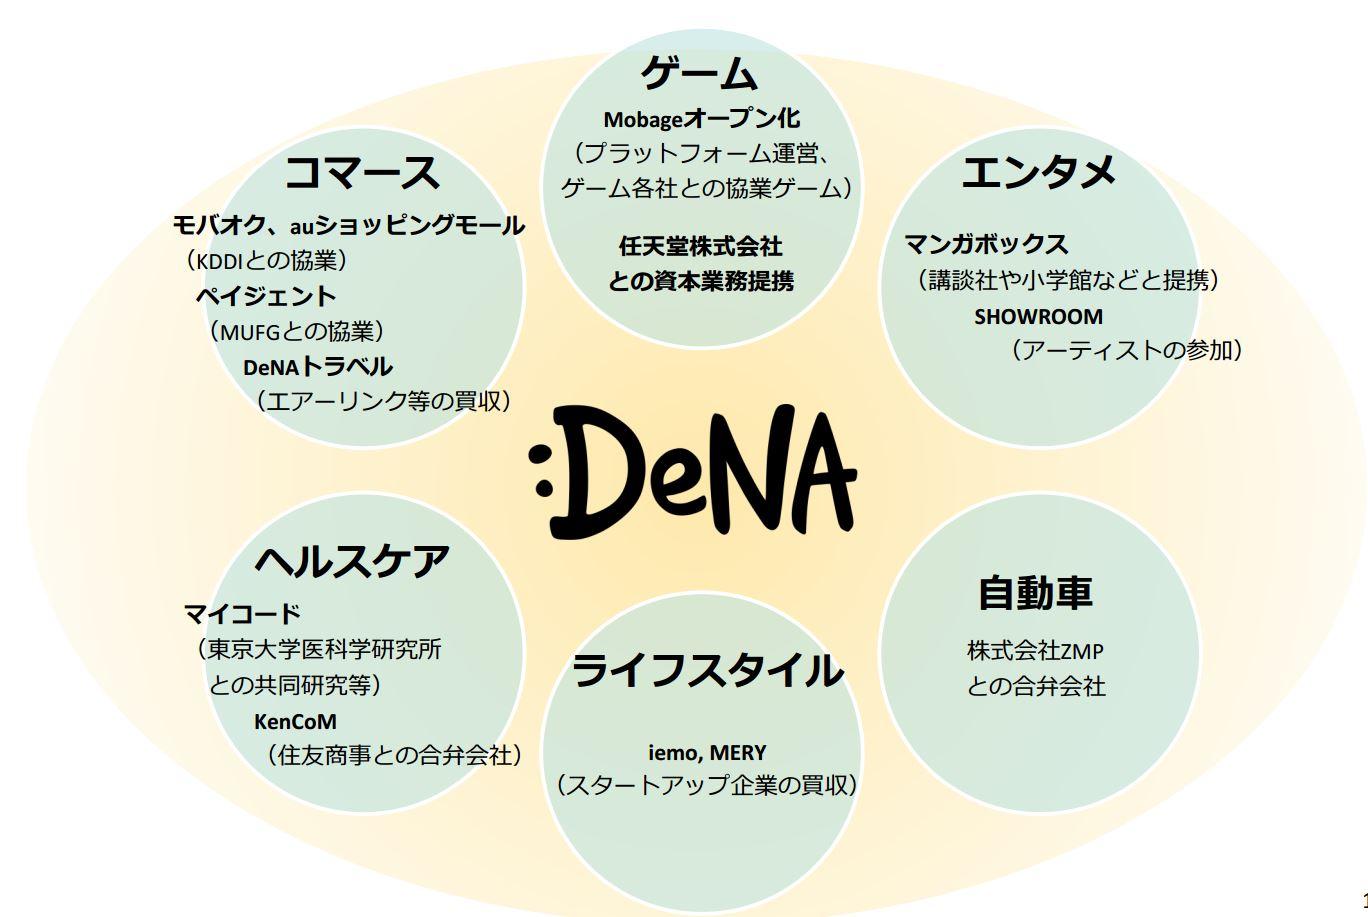 DeNA決算2014、トラベル事業の取扱高は16%増の400億円、新規事業で「ロボットタクシー」にも着手